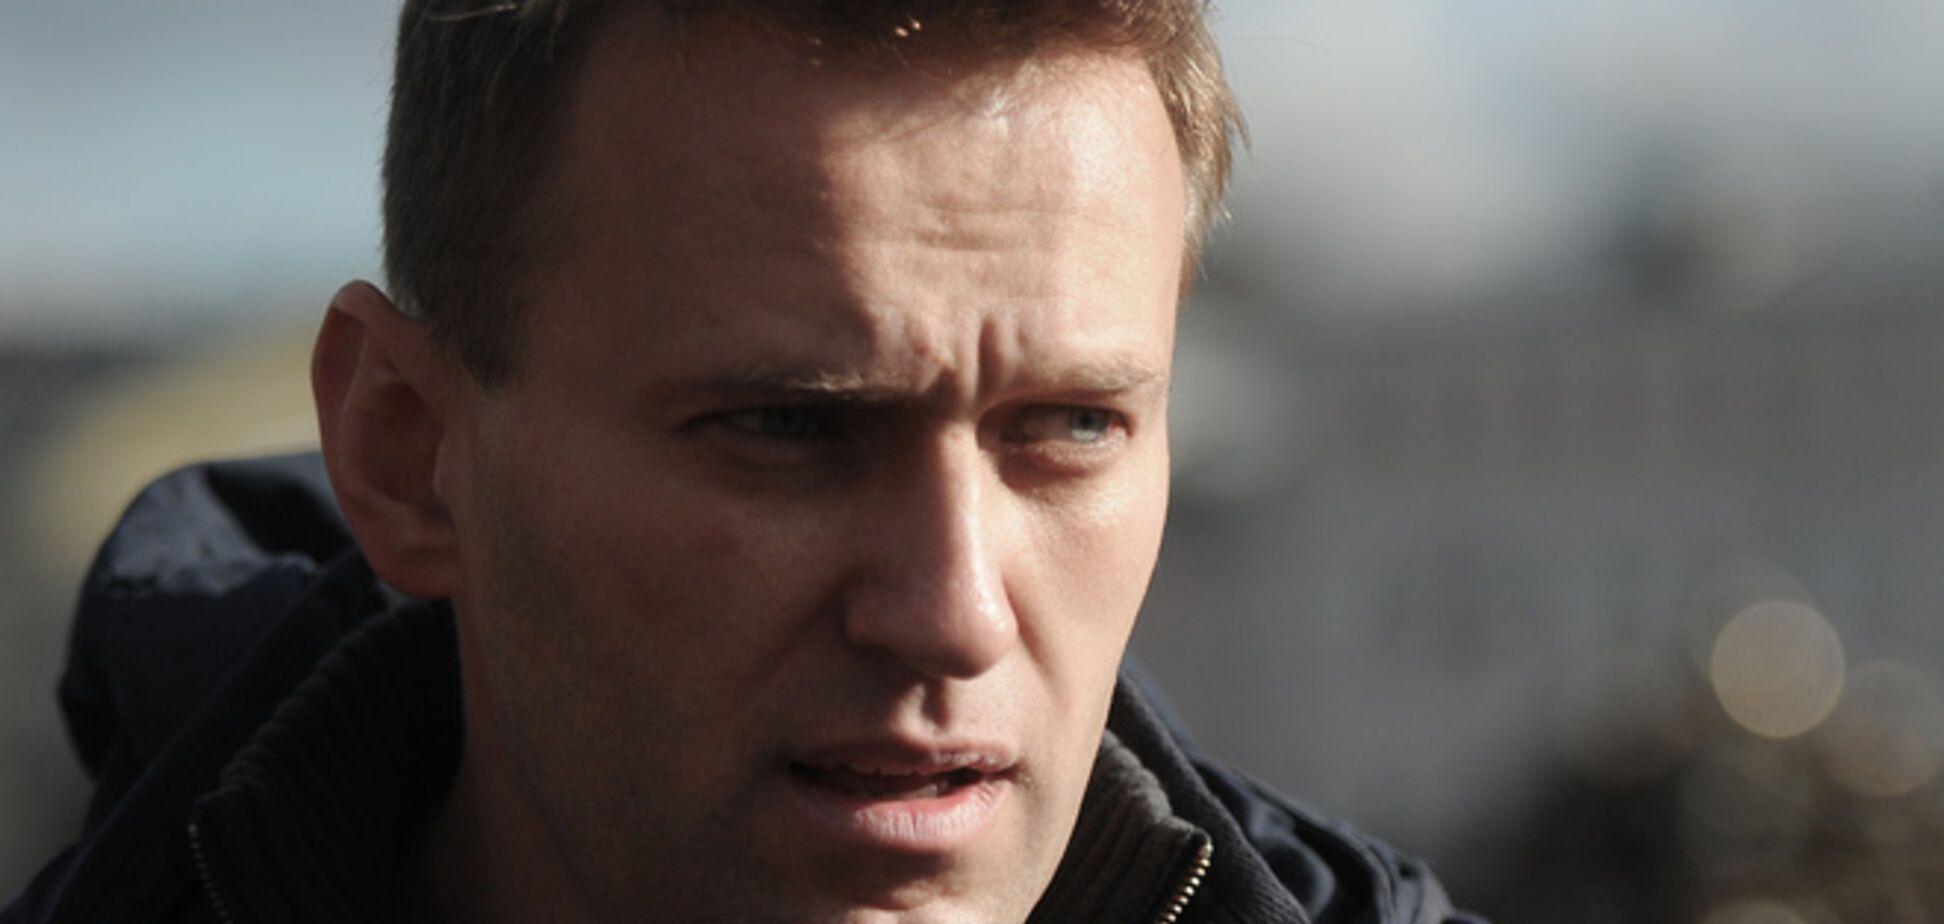 Навальный анонсировал многотысячные митинги оппозиции в крупнейших городах России